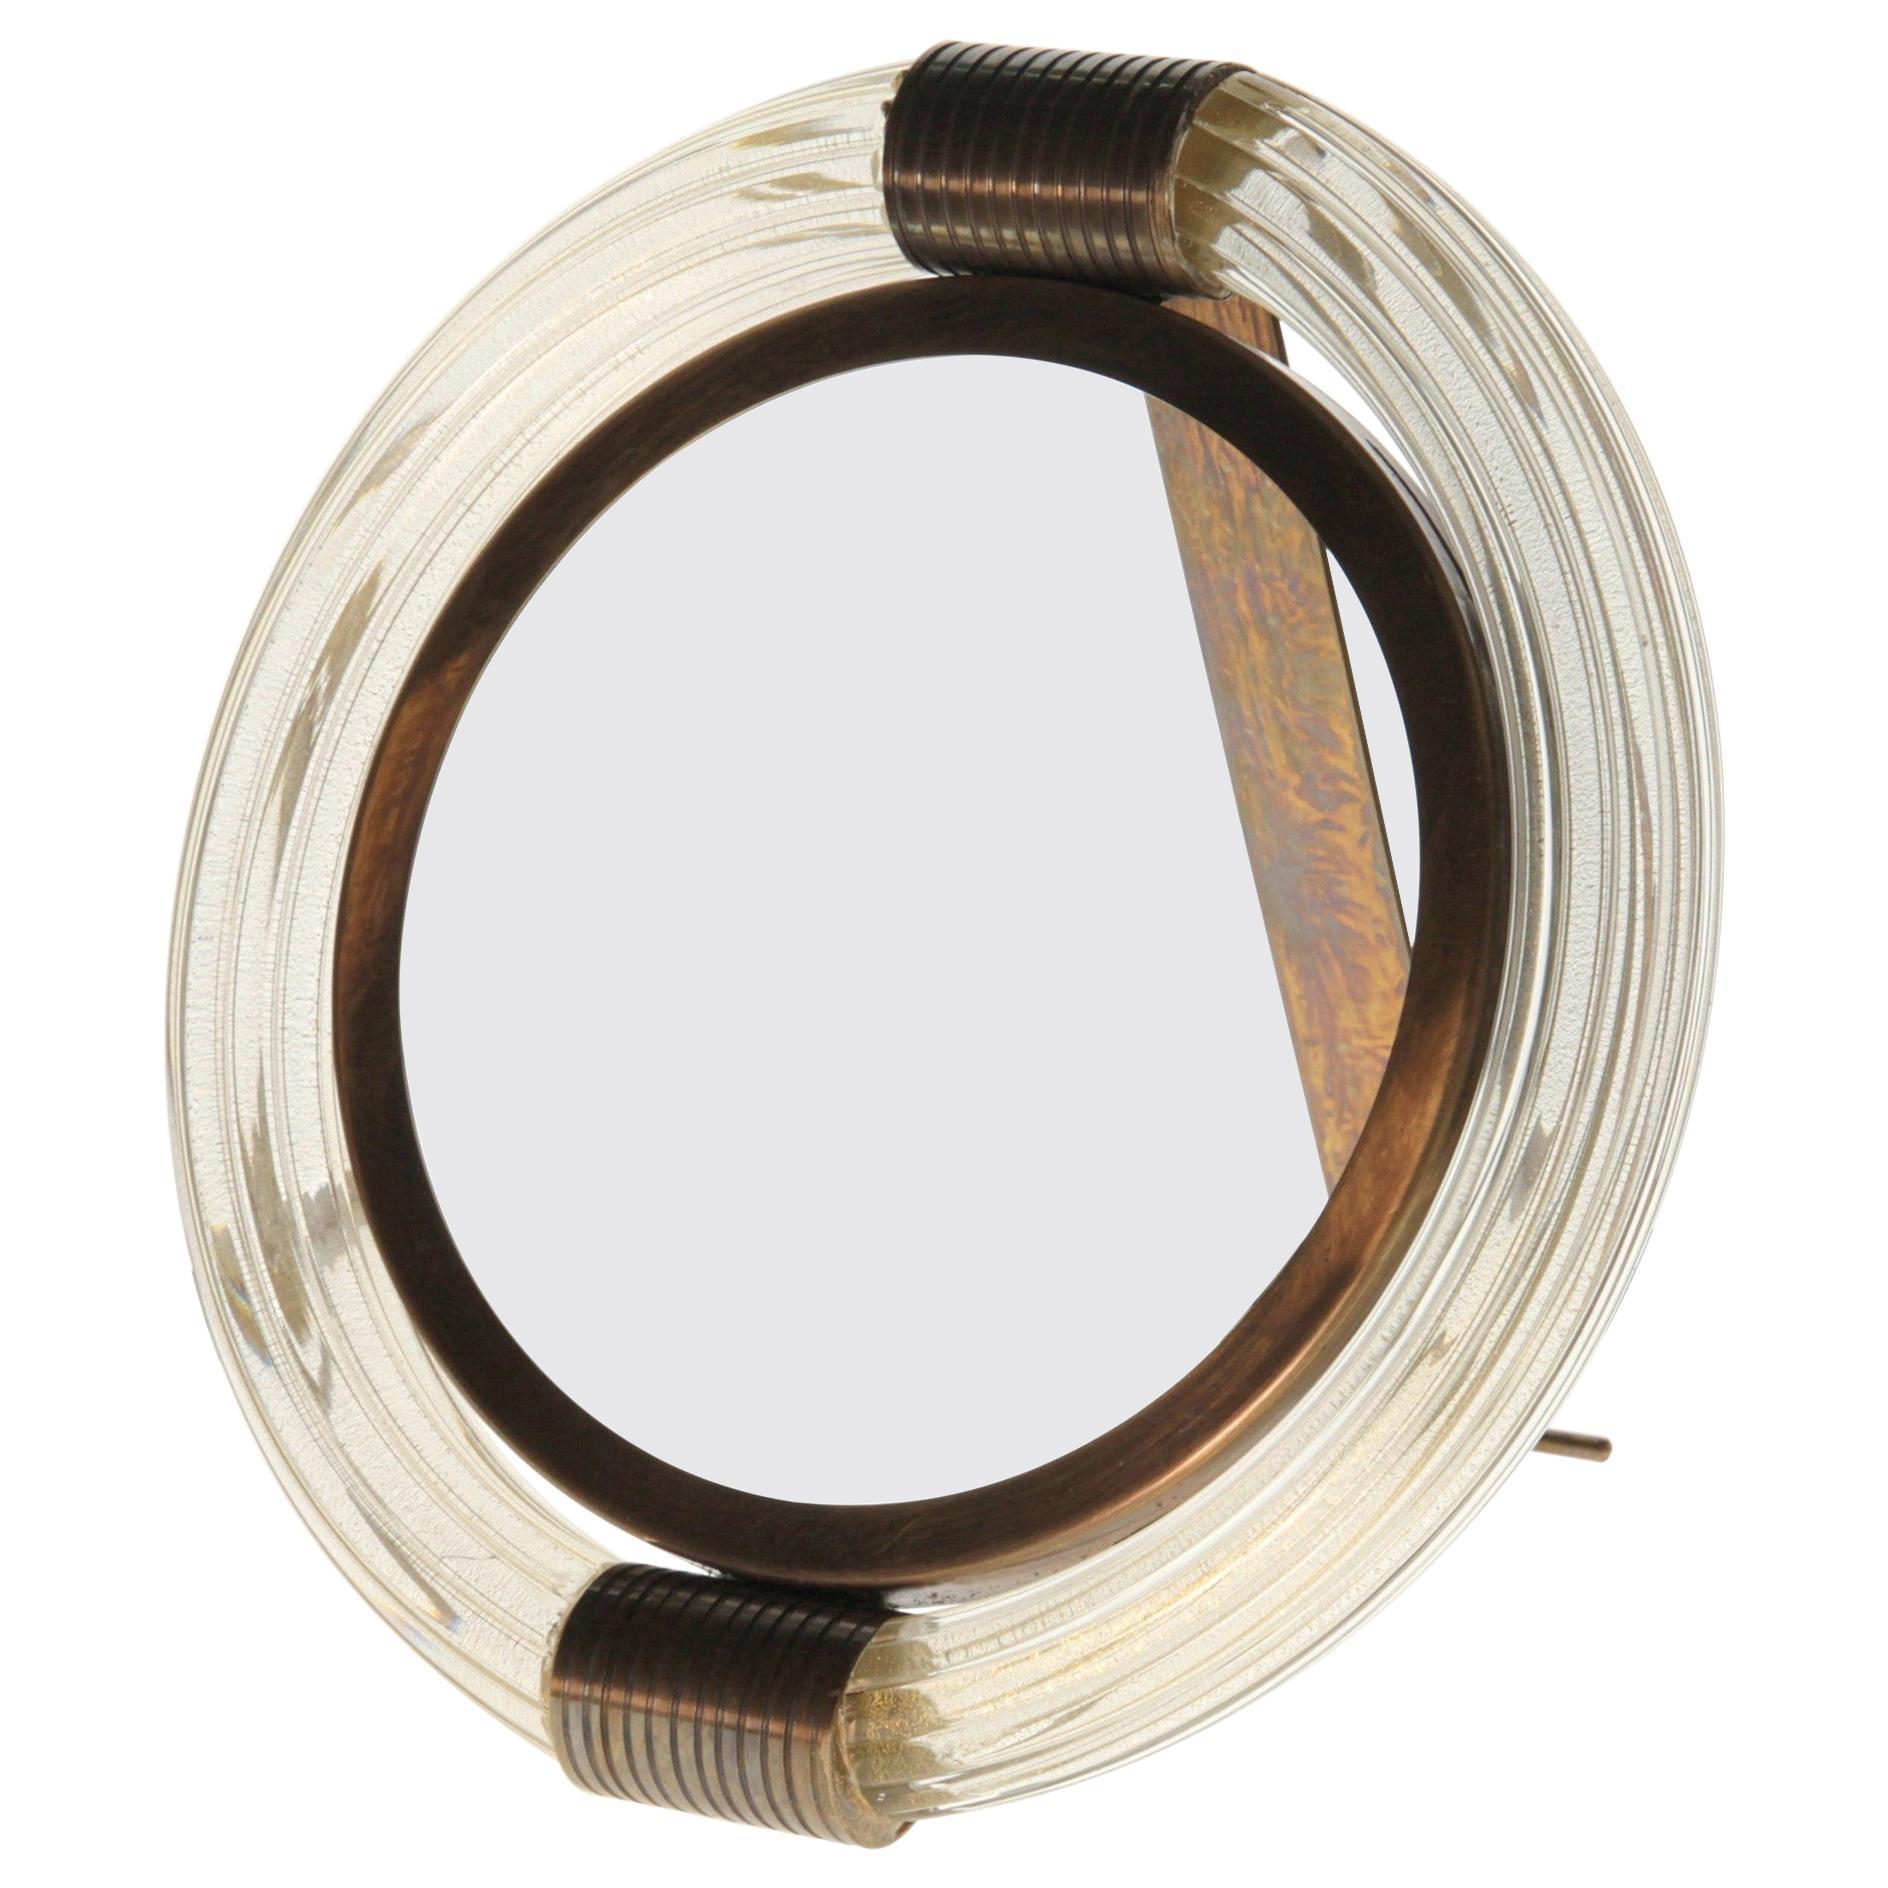 Seguso Vetri d'Arte, Four Picture/Mirror Frame, Massiccio Murano Glass, Brass